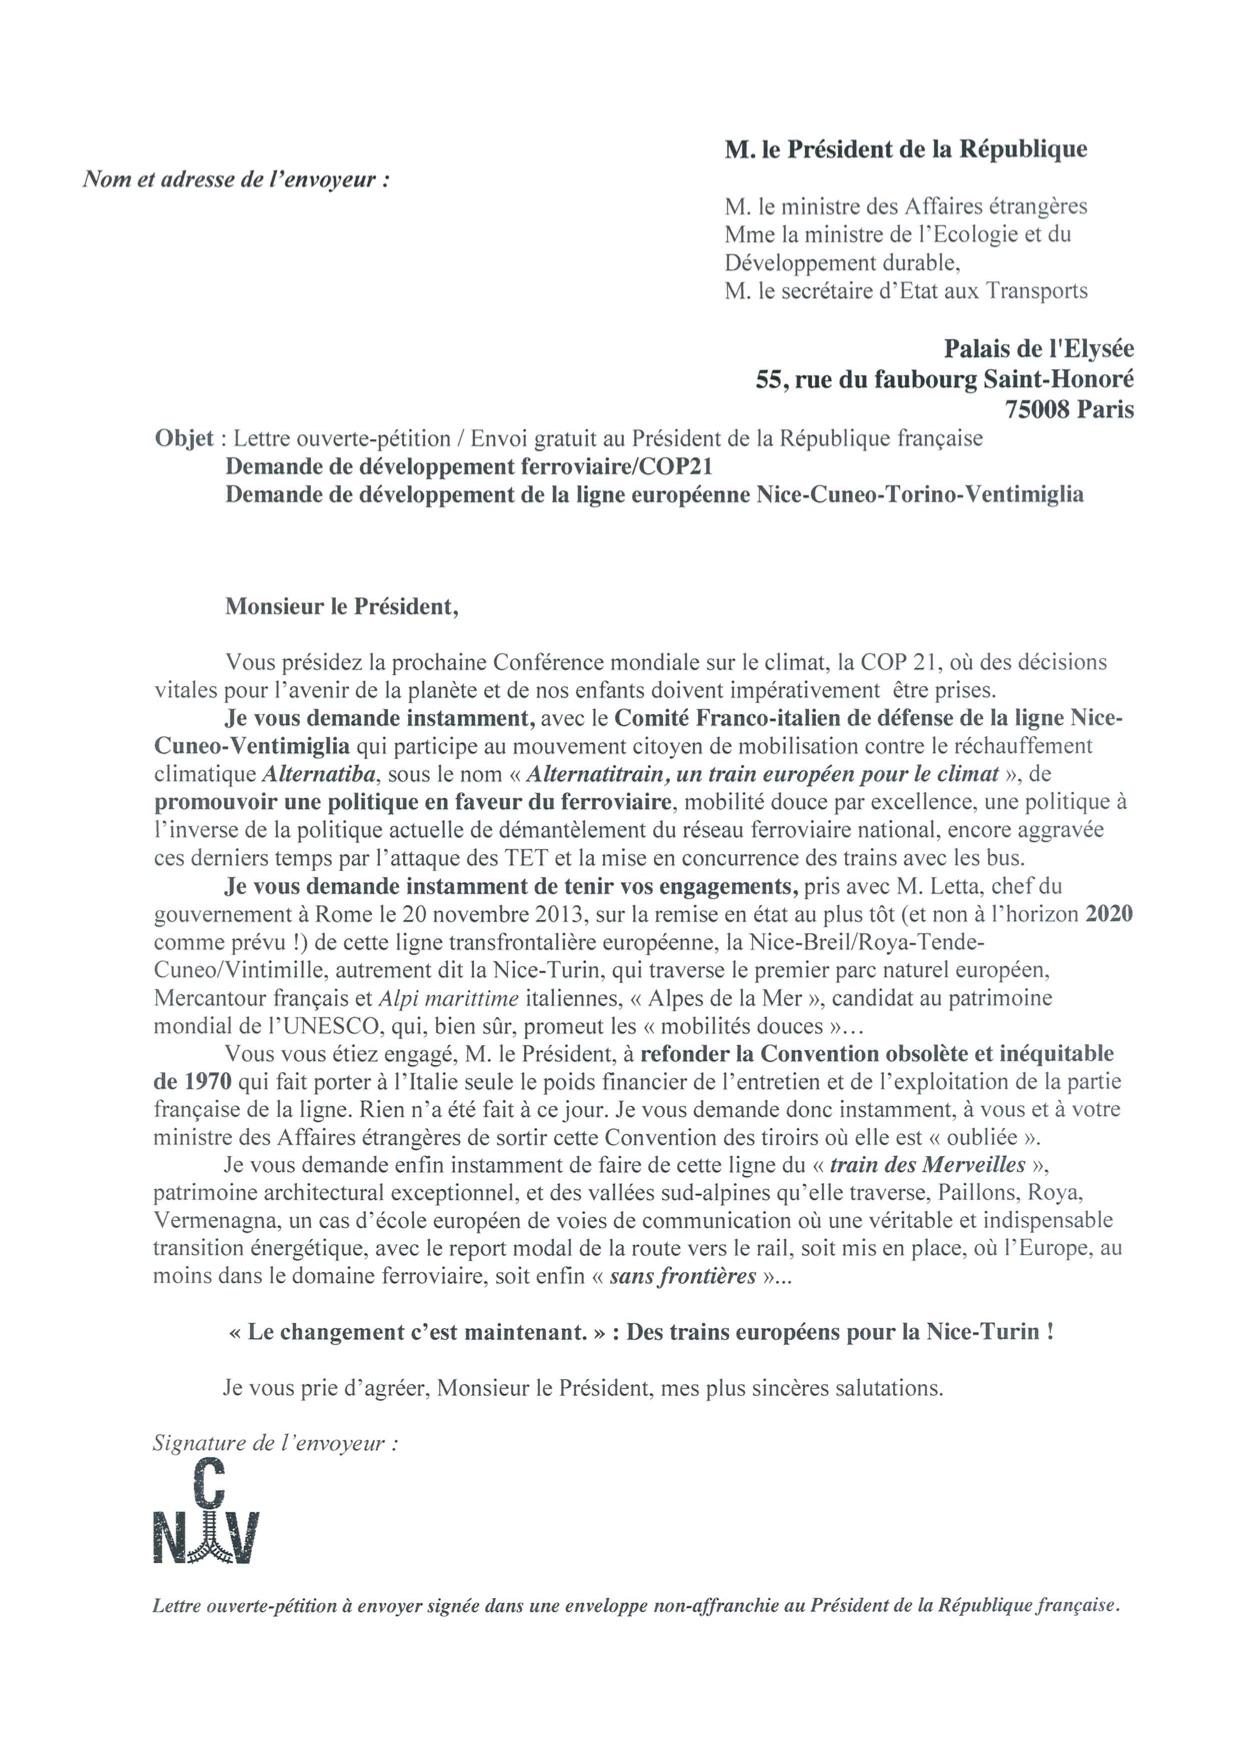 Lettre ouverte-Petition pour le développement de la ligne Nice Turin